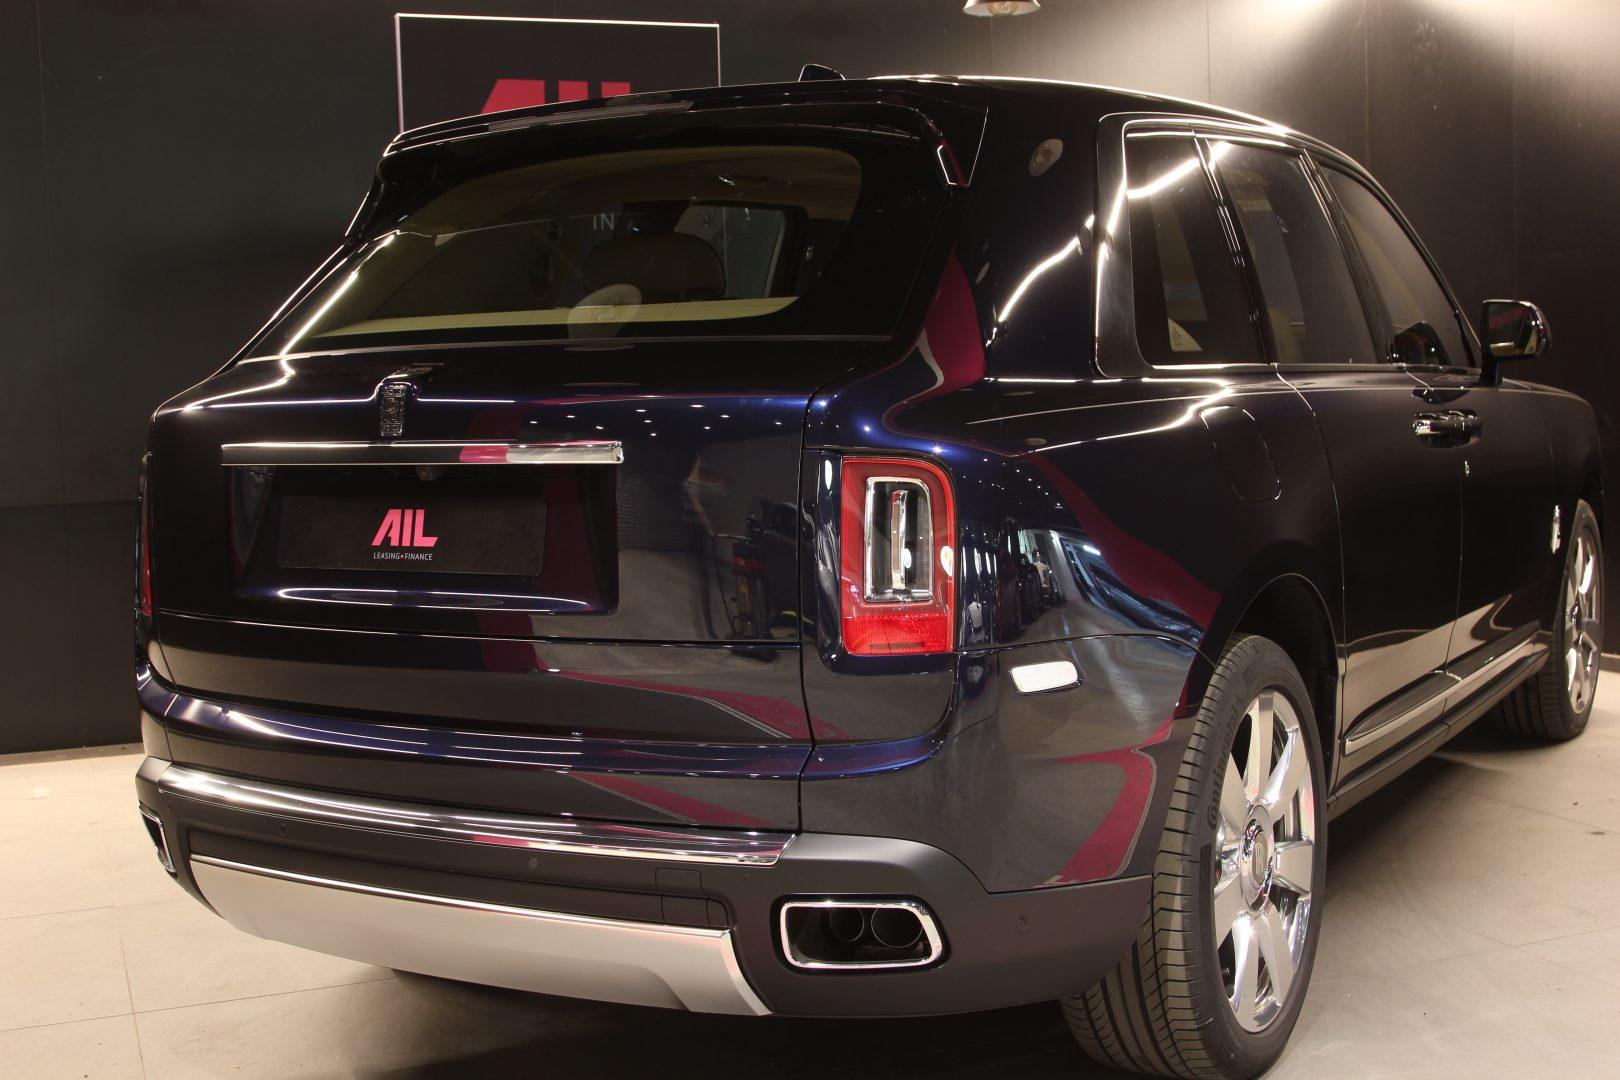 AIL Rolls Royce Cullinan V12 9